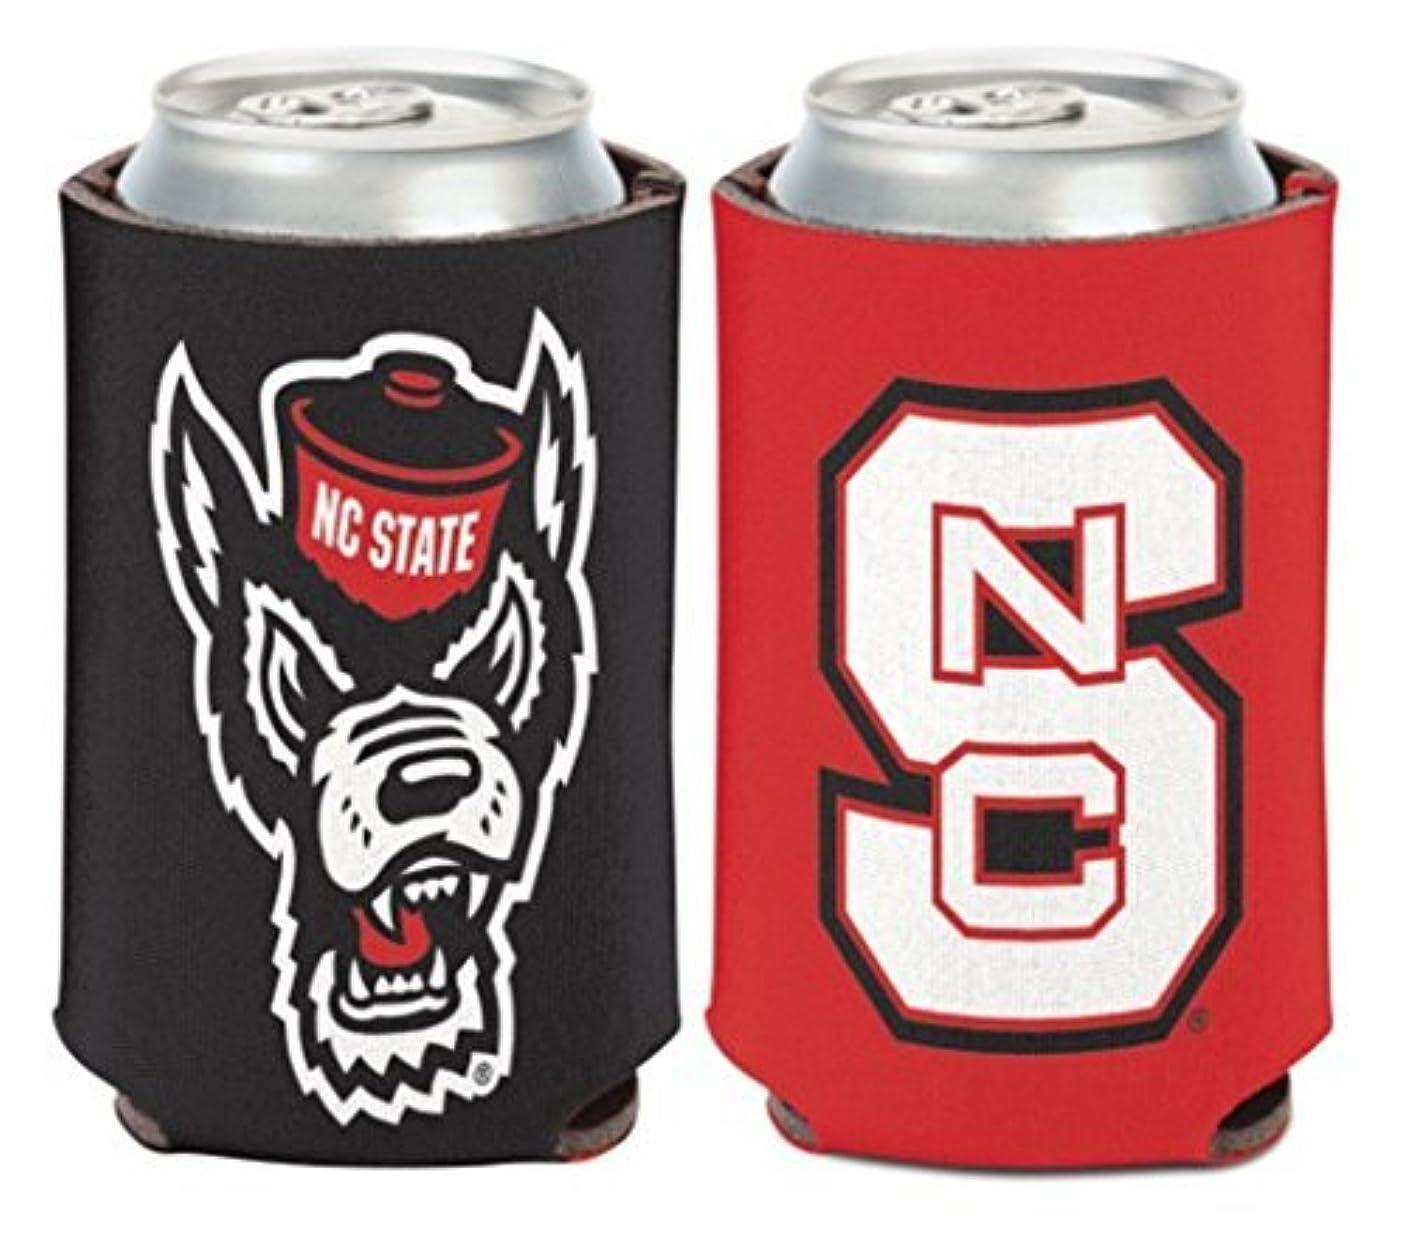 タッチフォージ闘争NCAA North Carolina State Wolfpack 1パック12オンス両面Can Cooler